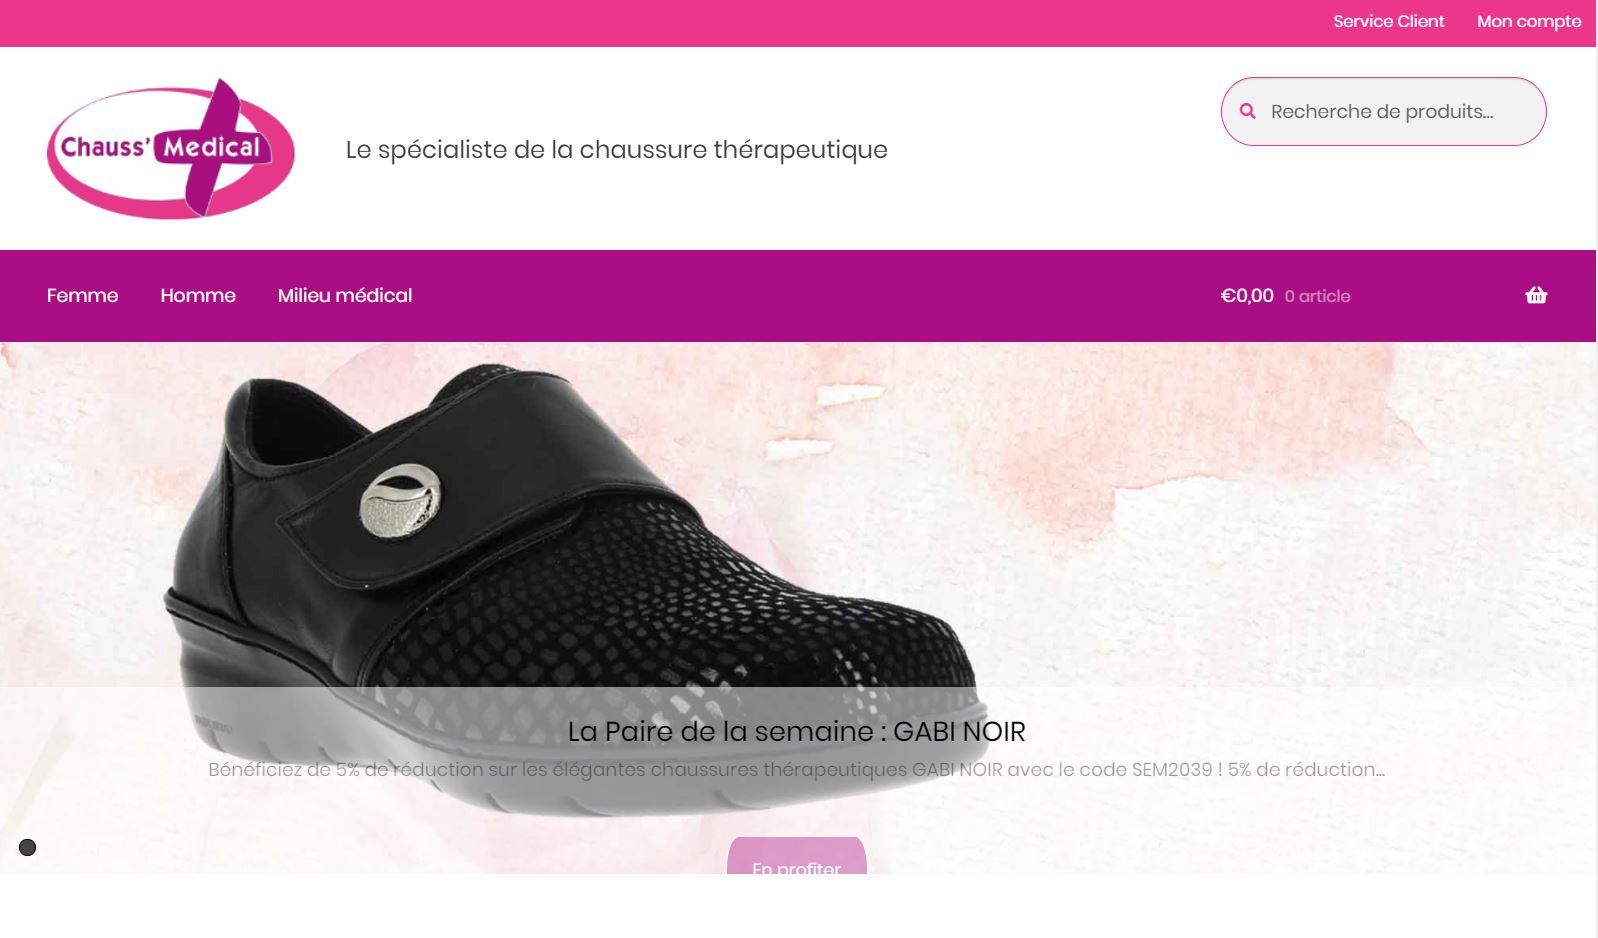 e-commerce de chaussures thérapeutiques